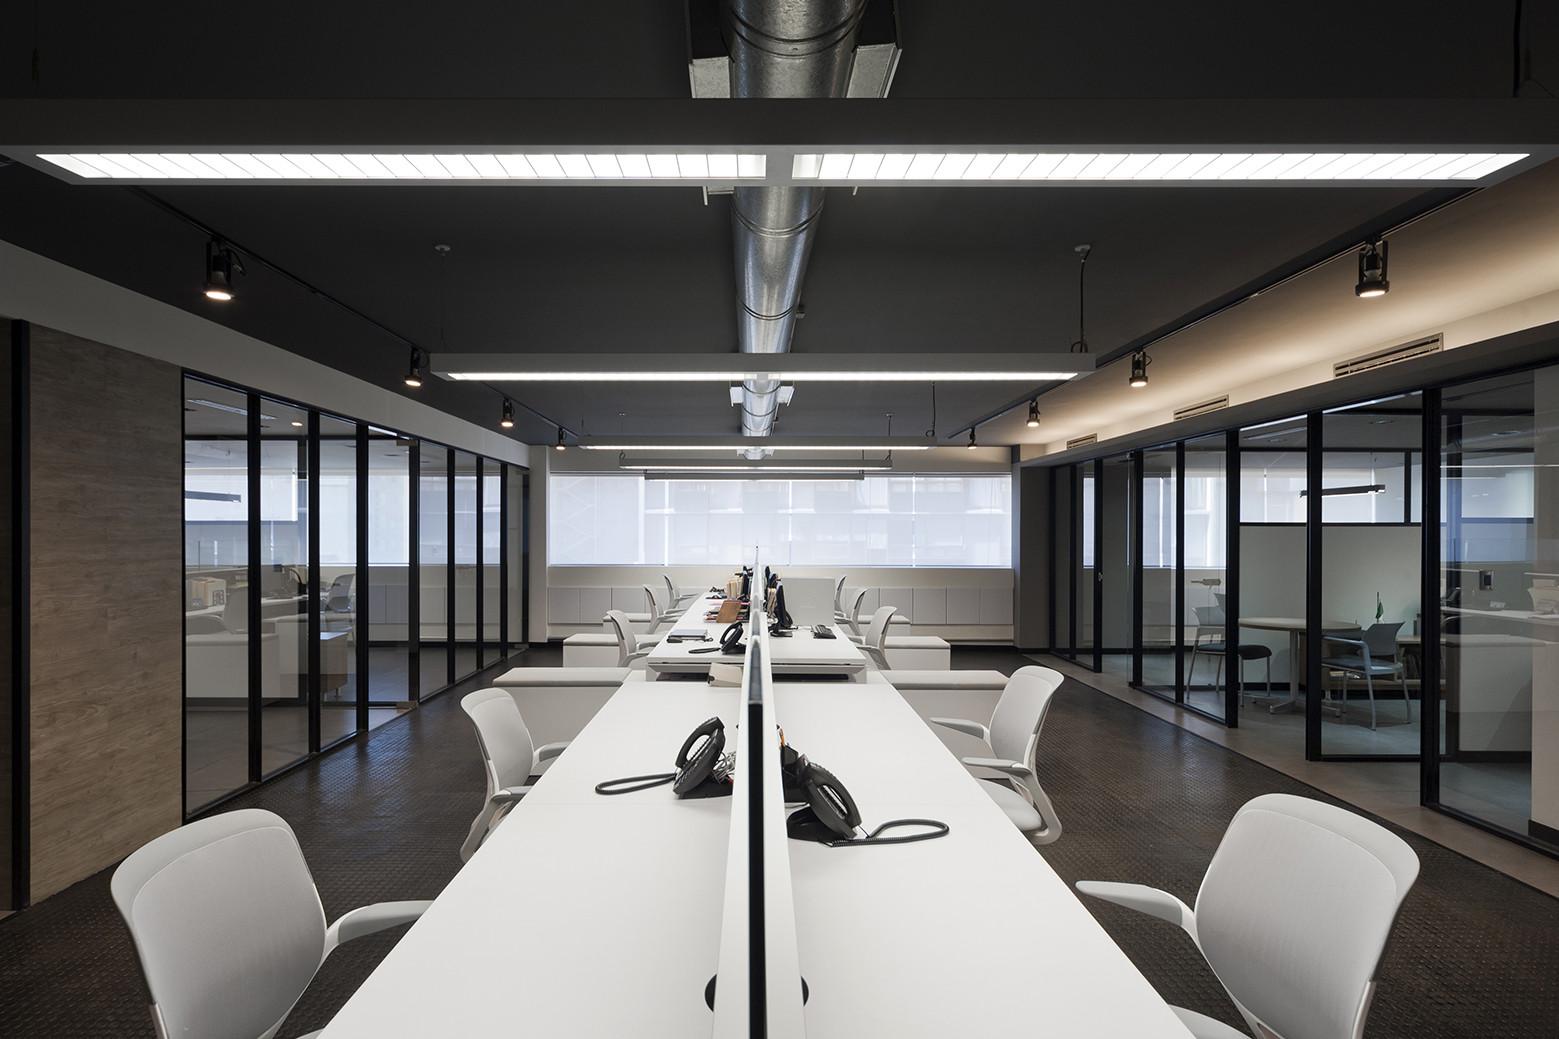 Oficinas ravago muehlstein mexico eli neumann - Arquitectos madrid 2 0 ...